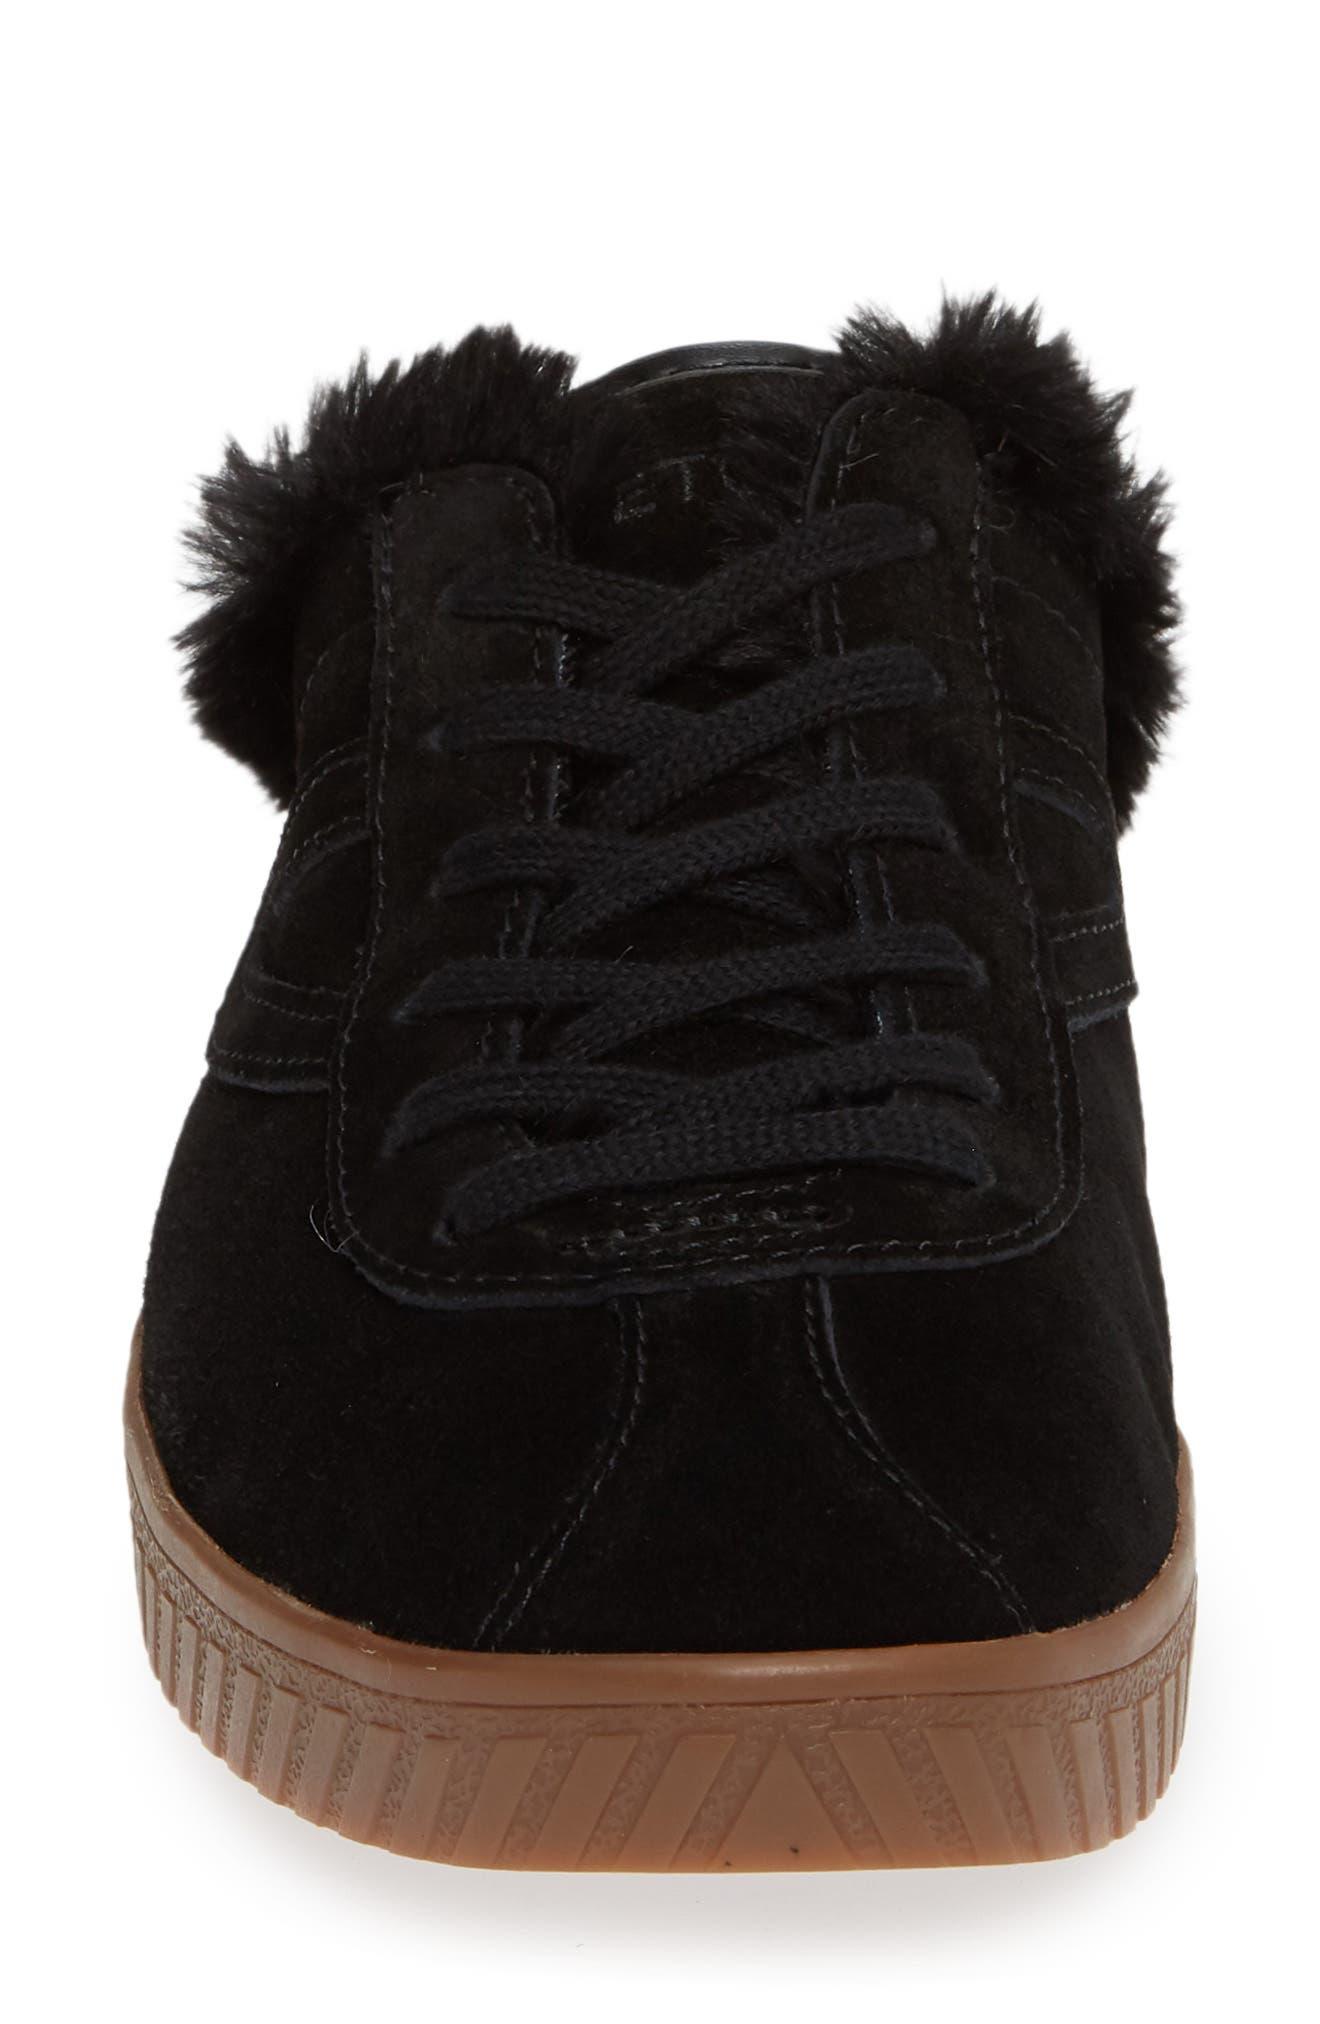 Cam 2 Slip-On Sneaker,                             Alternate thumbnail 4, color,                             BLACK